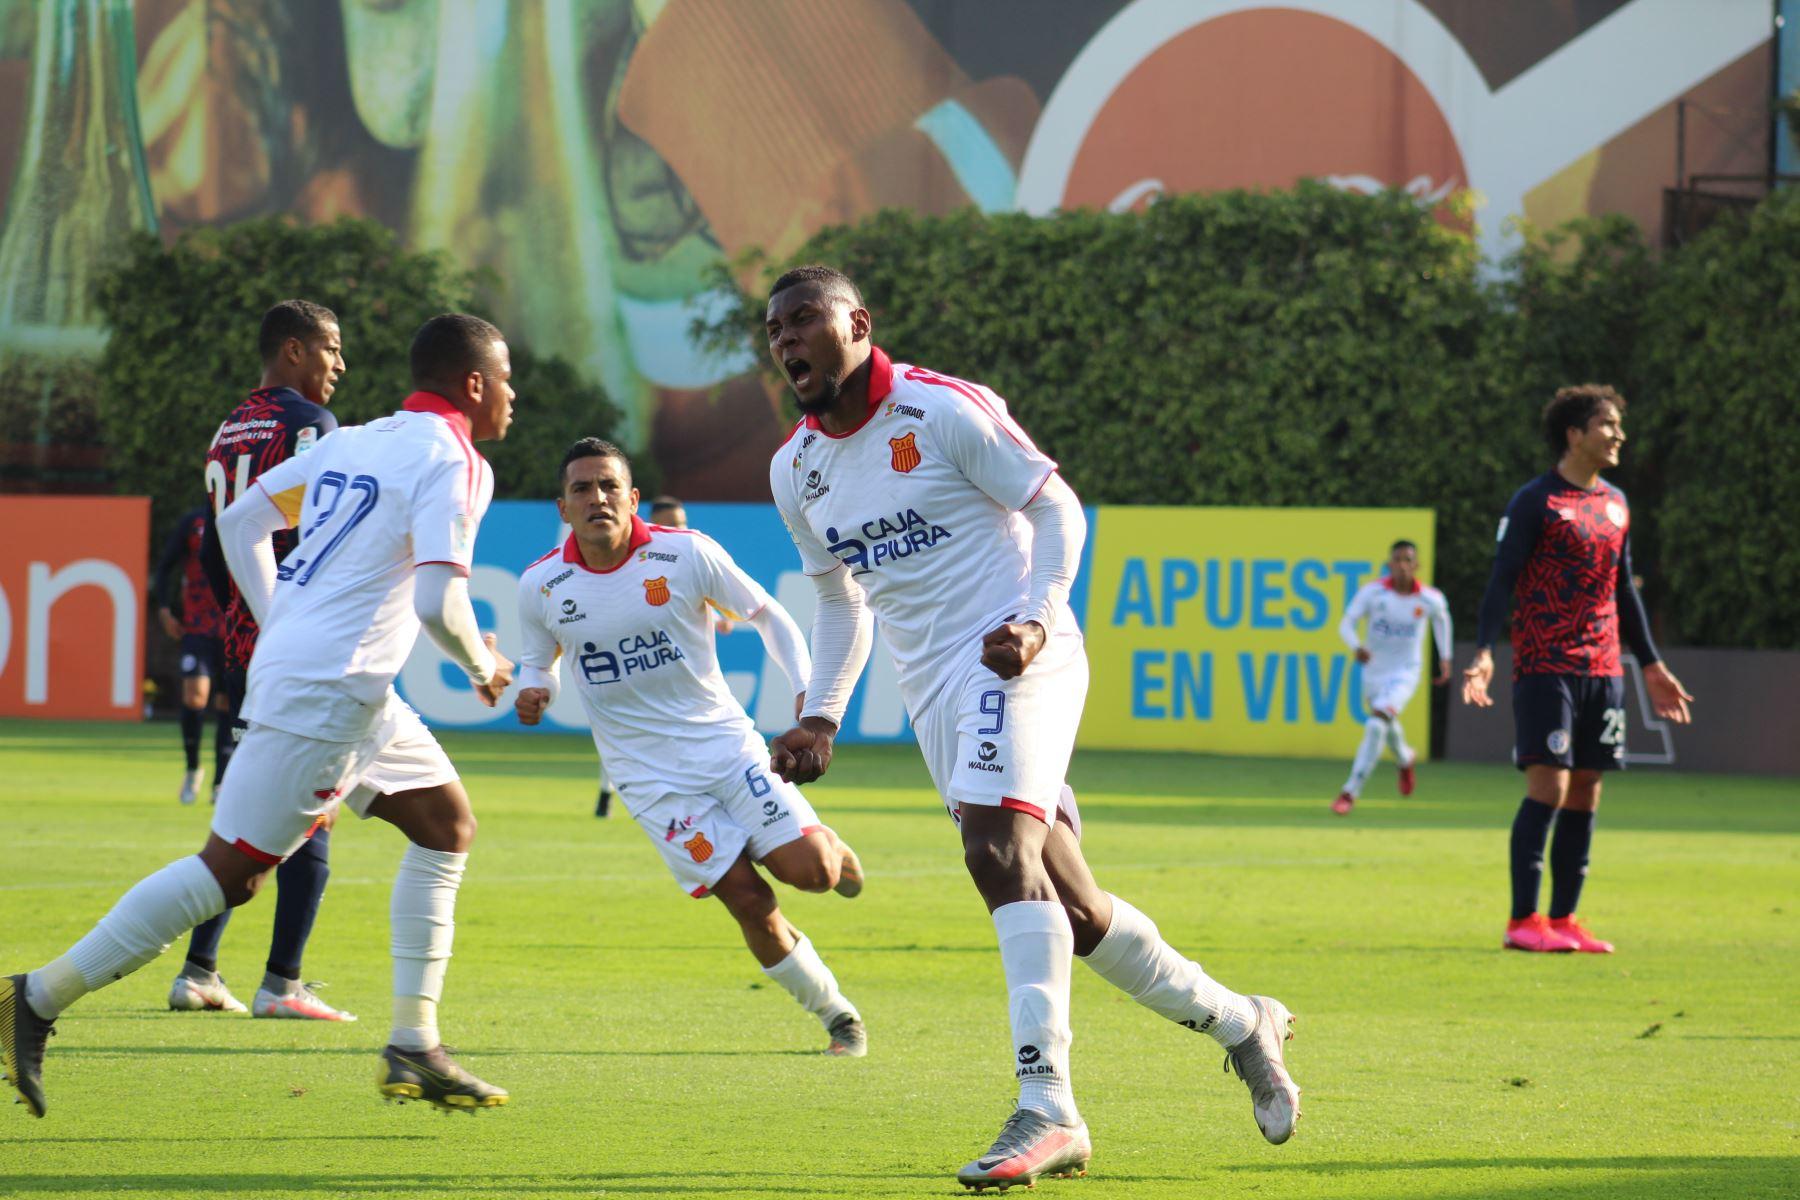 Atlético Grau derrotó 3-2 al Deportivo Municipal, que estuvo ganando el partido 2-0 pero de dejó estar ante la reacción de los norteños en el partido disputado en el campo de juego de la Villa Deportiva Nacional de la FPF.